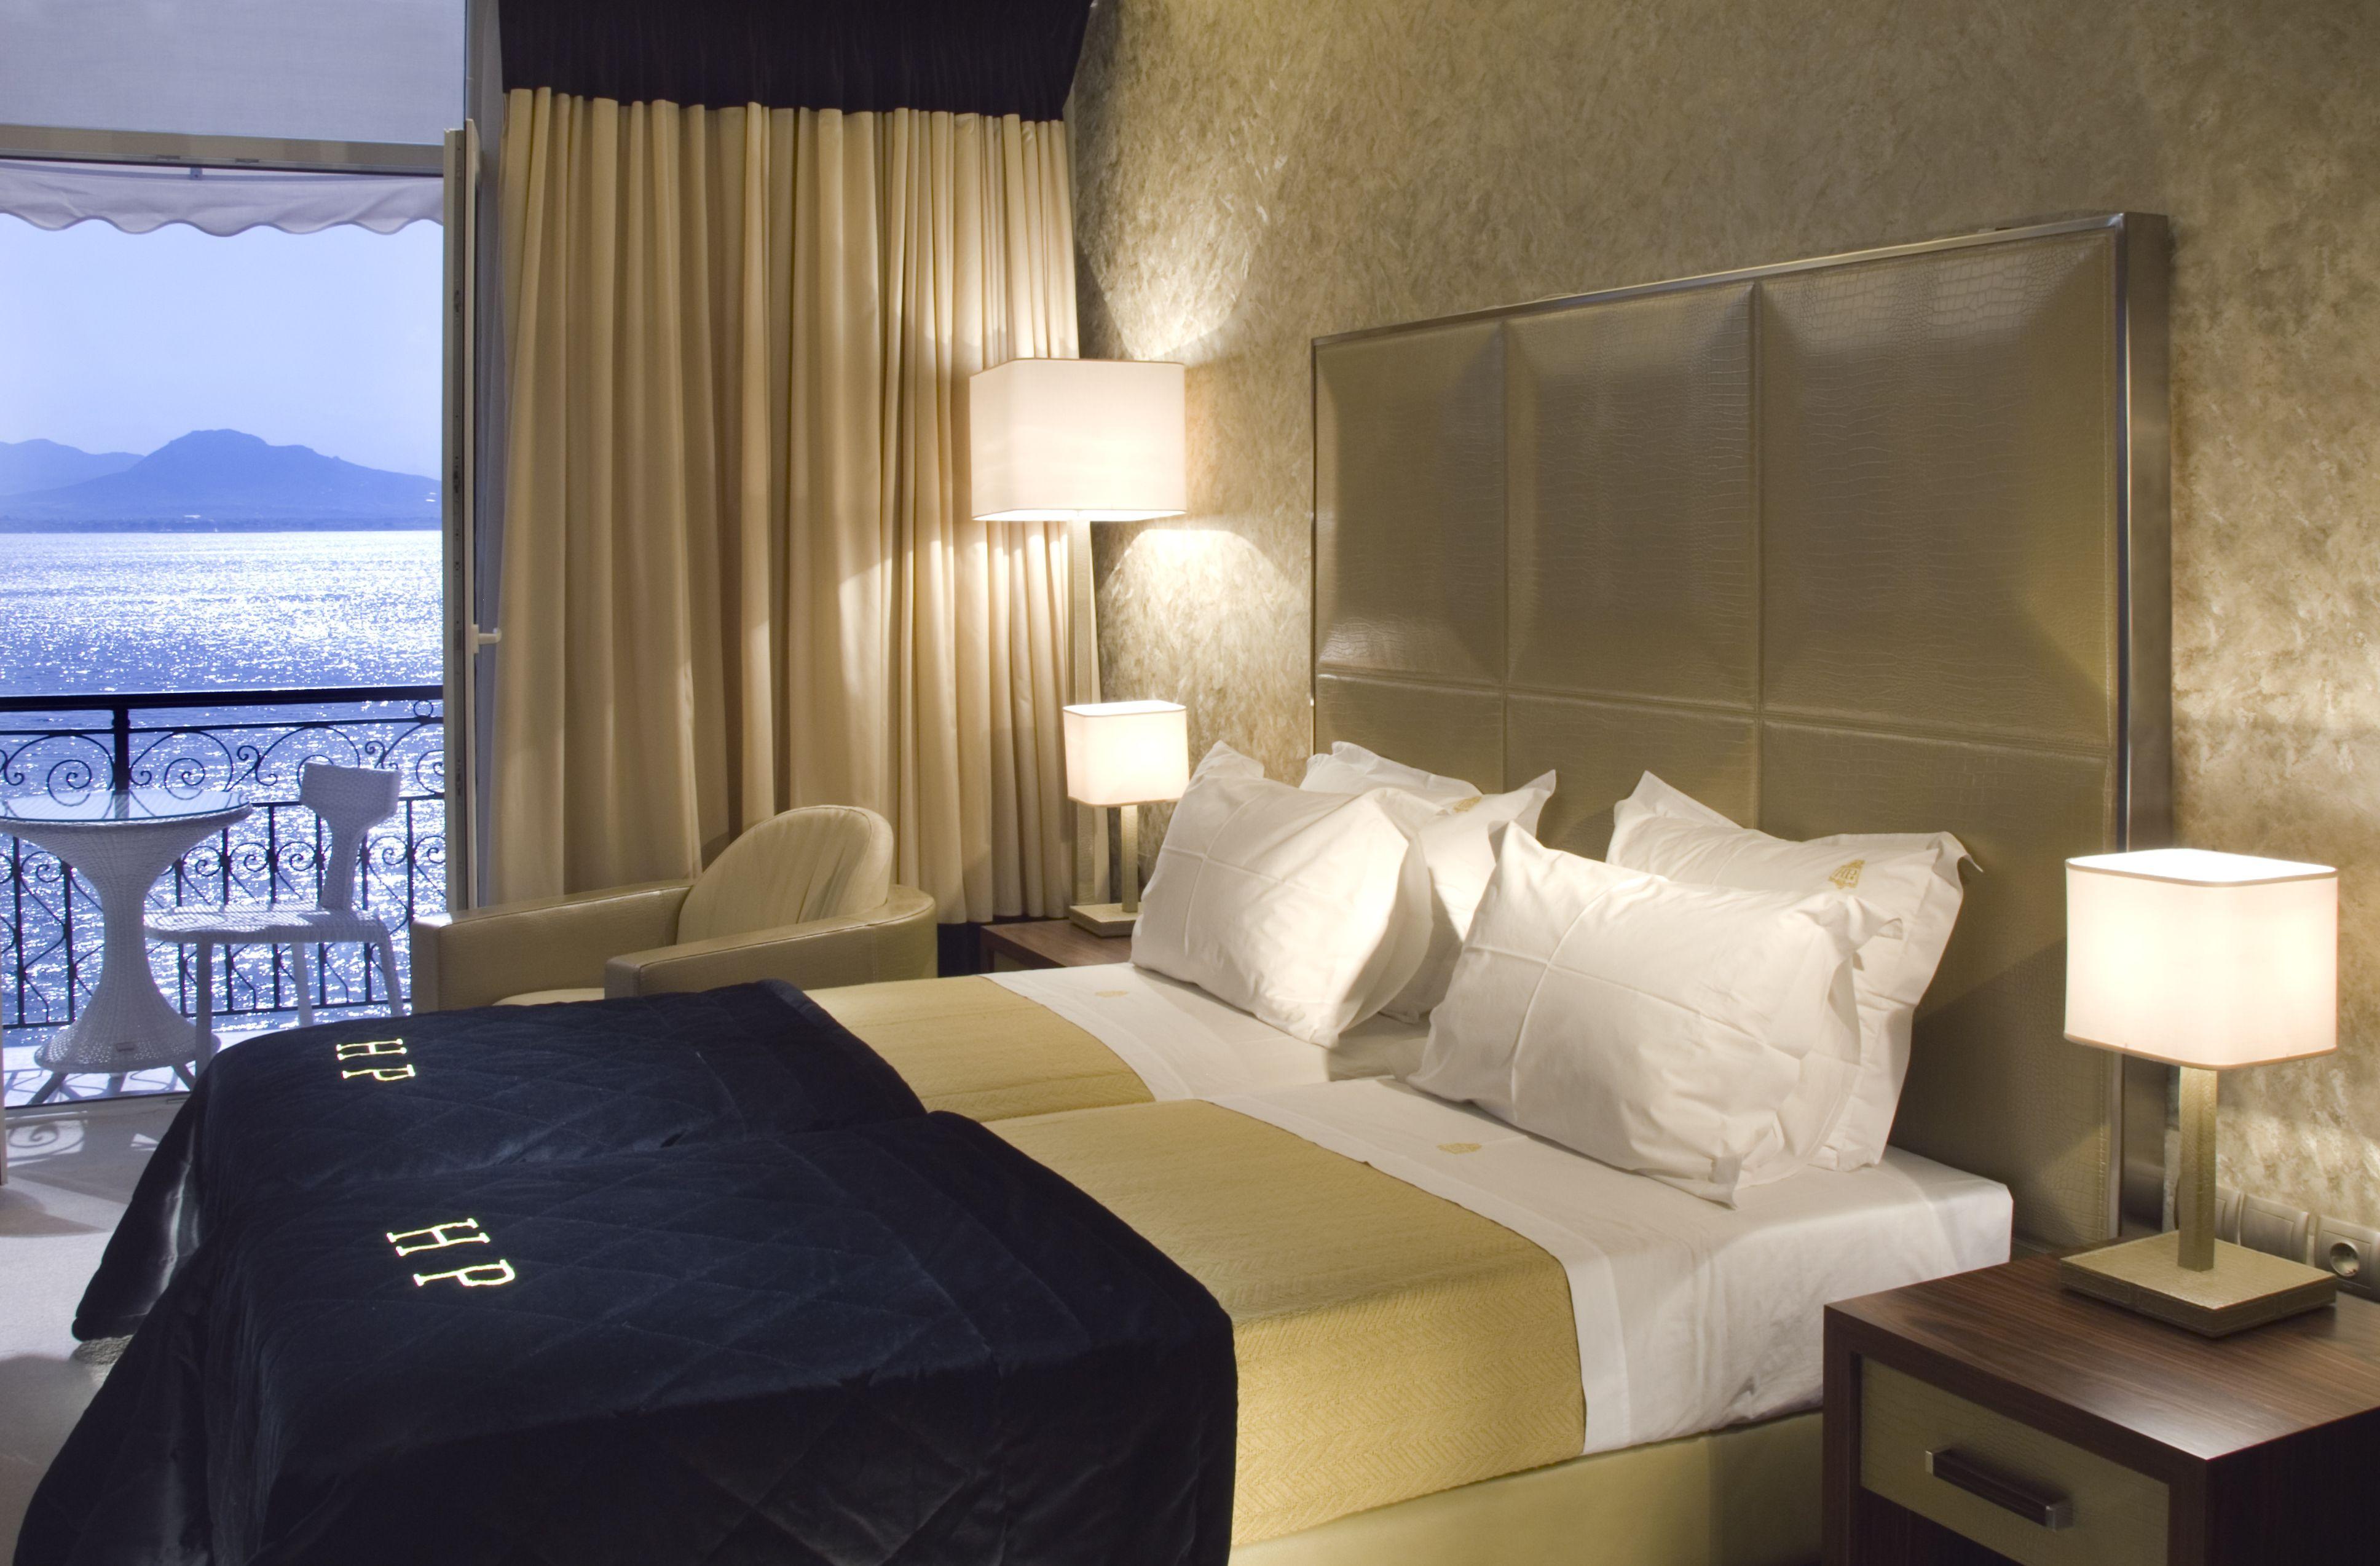 Hotel camera da letto Design di interni, Camera da